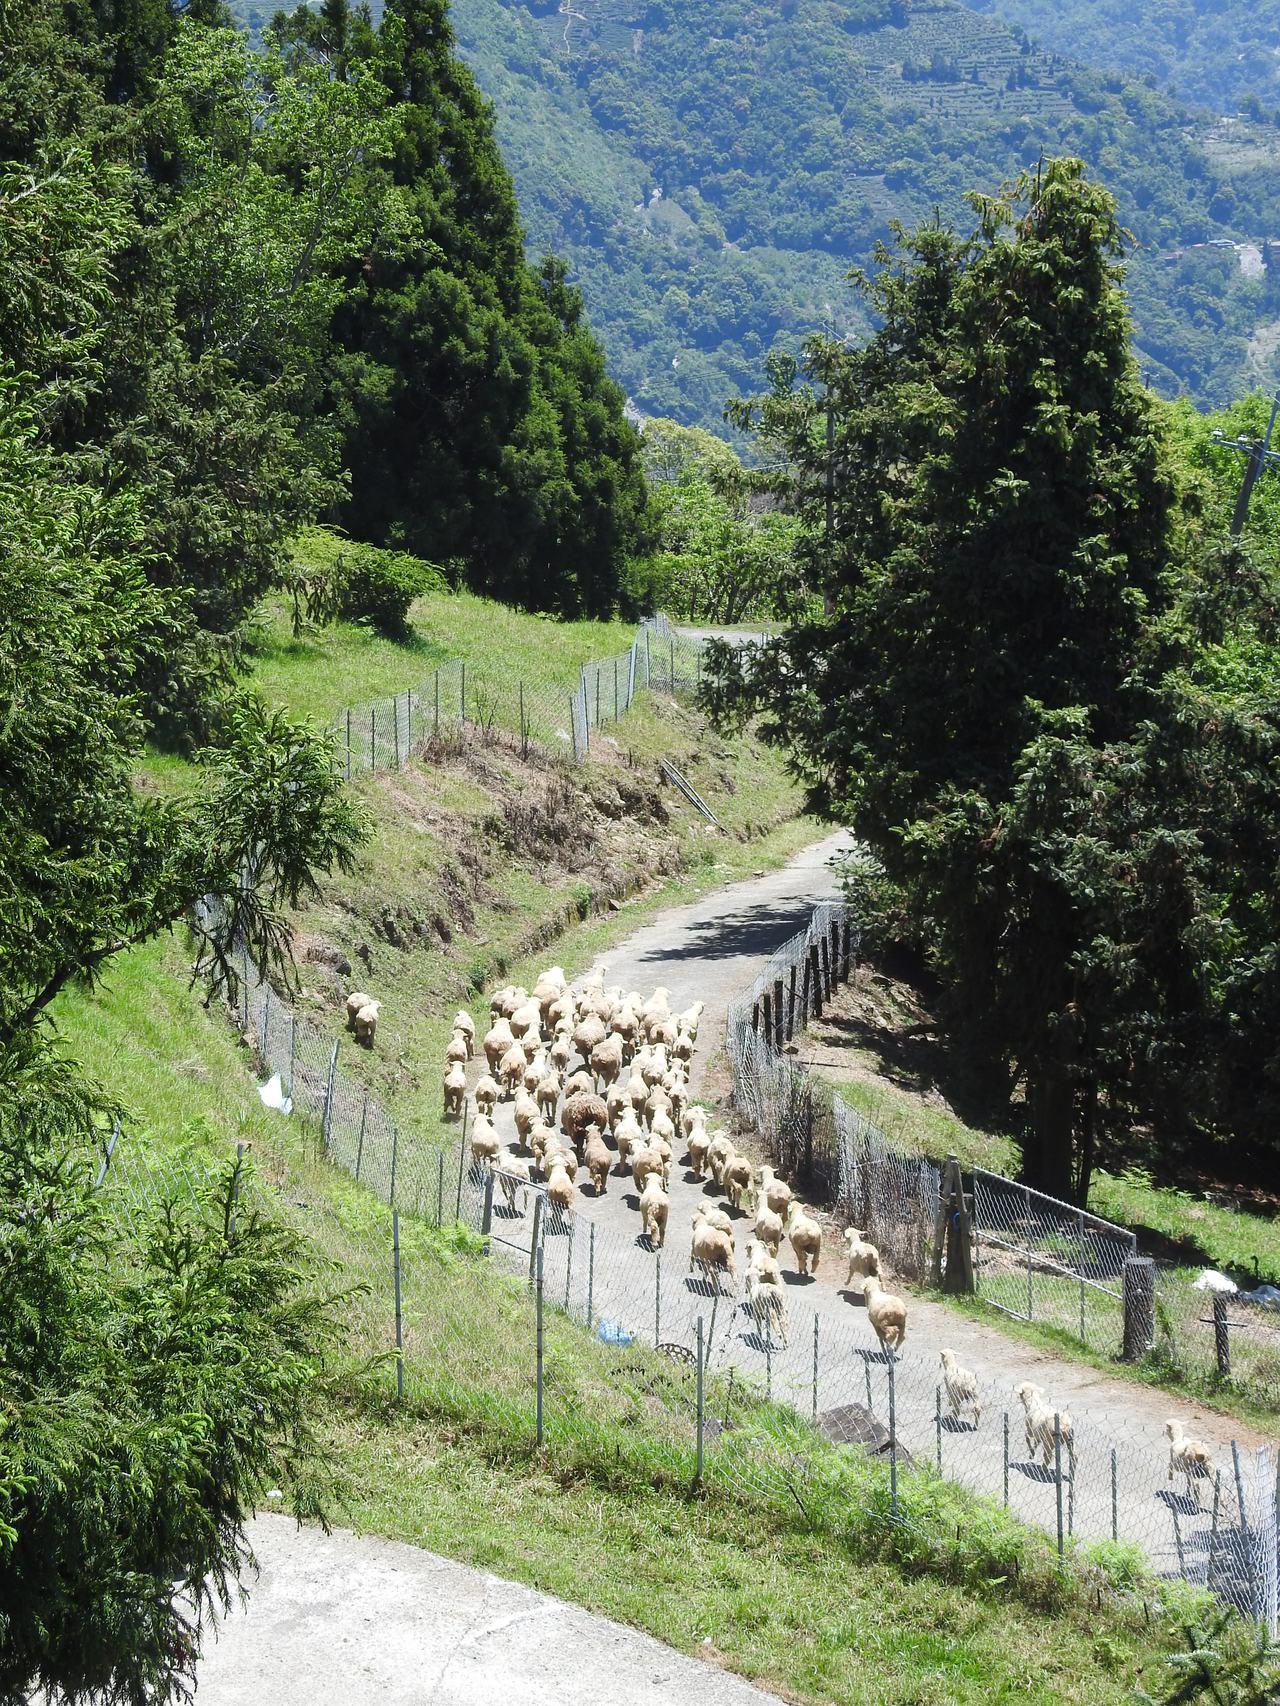 清境高空觀景步道純白蜿蜒在山林間,能無障礙飽覽群山綠樹和草原羊群的景致。記者賴香...